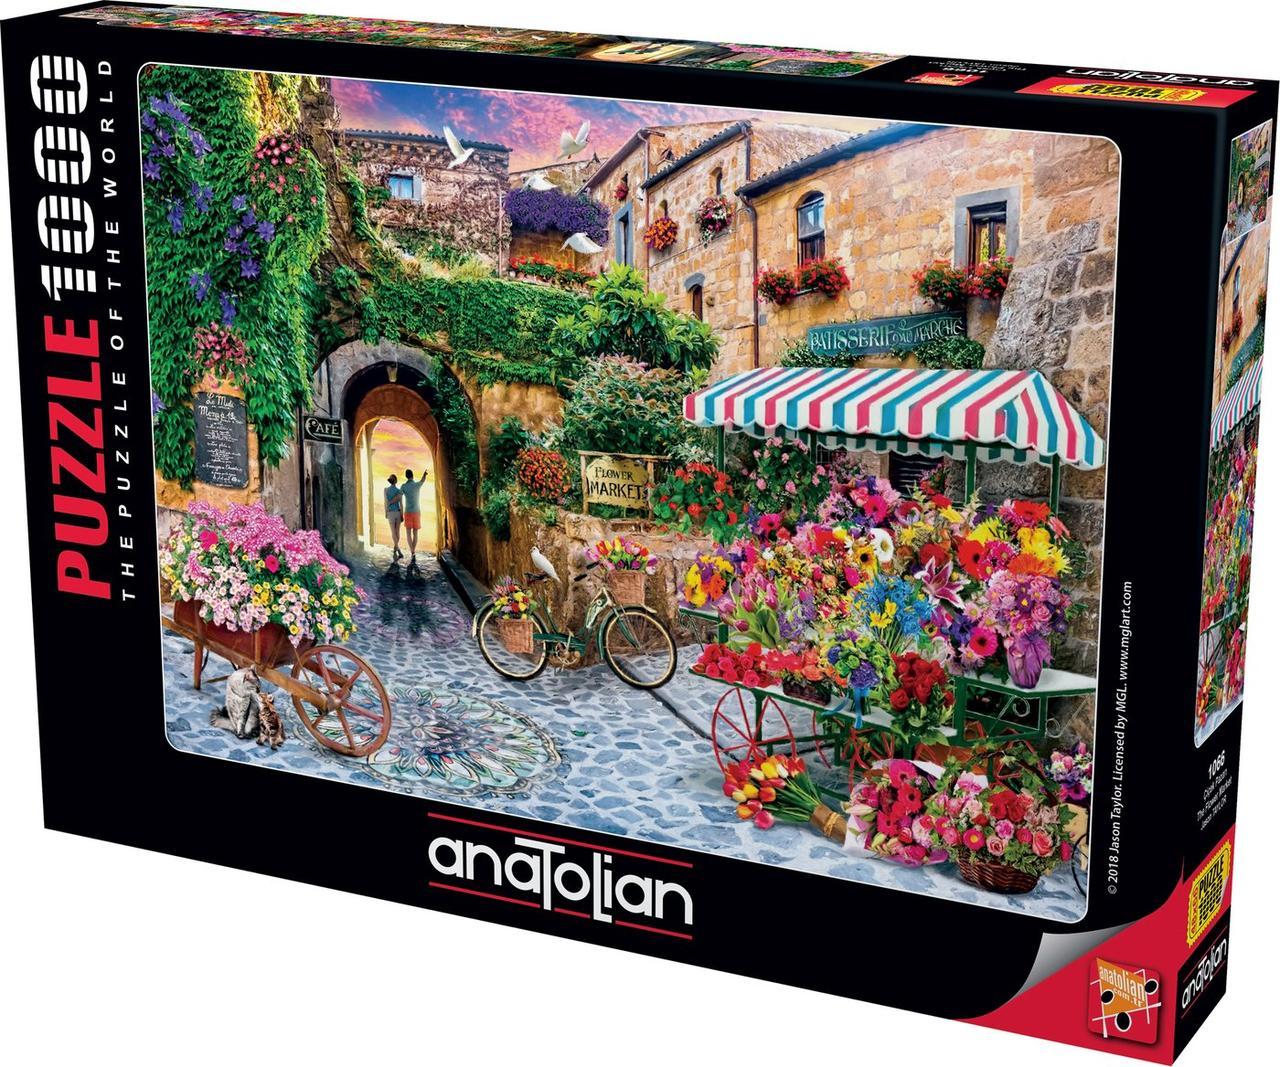 Пазлы 1000 элементов Цветочный рынок 1066 Anatolian